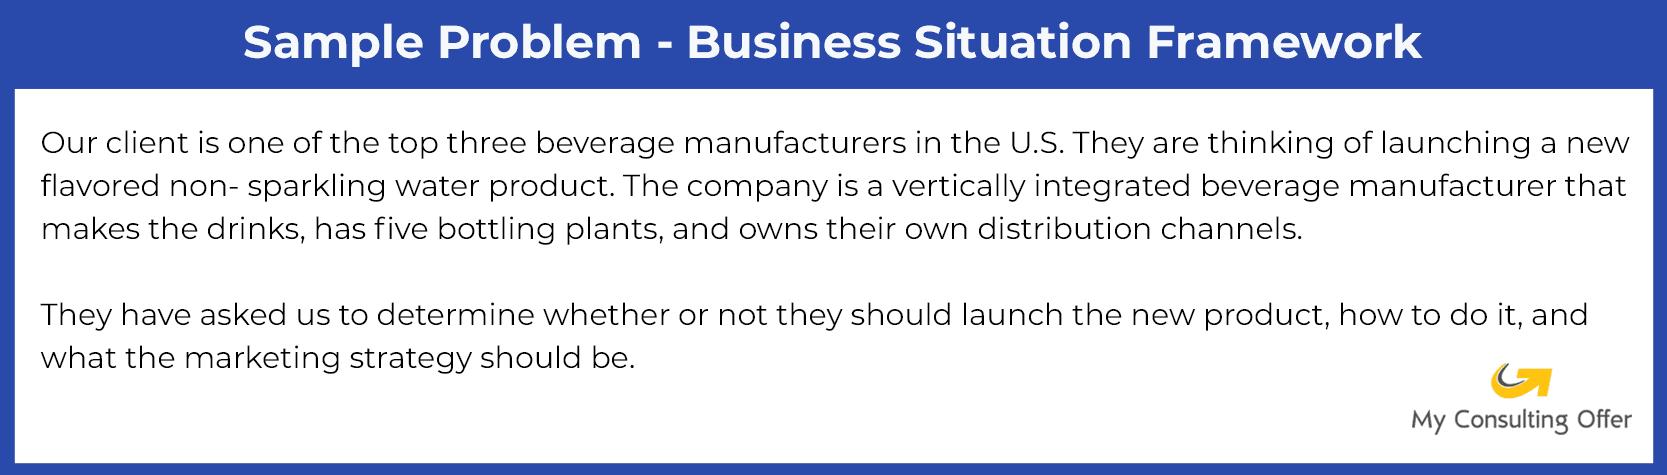 Sample Problem - Business Situation Framework